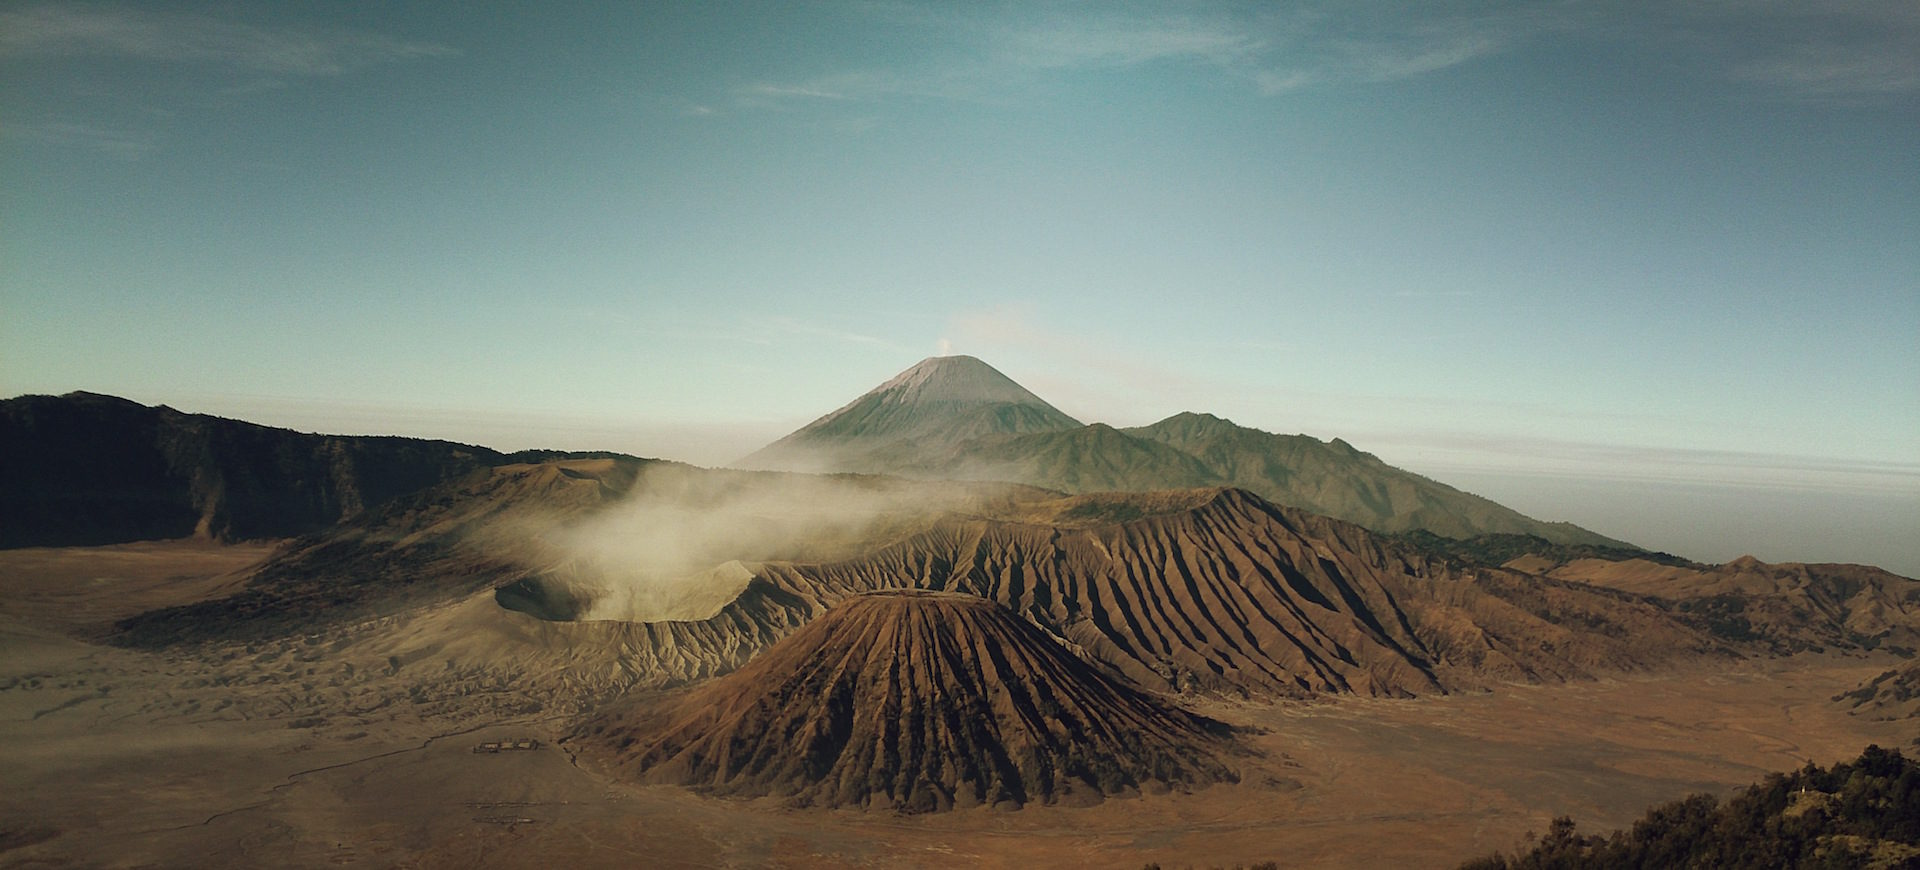 Montañas, 火山, 气体, 天空, 云彩 - 高清壁纸 - 教授-falken.com